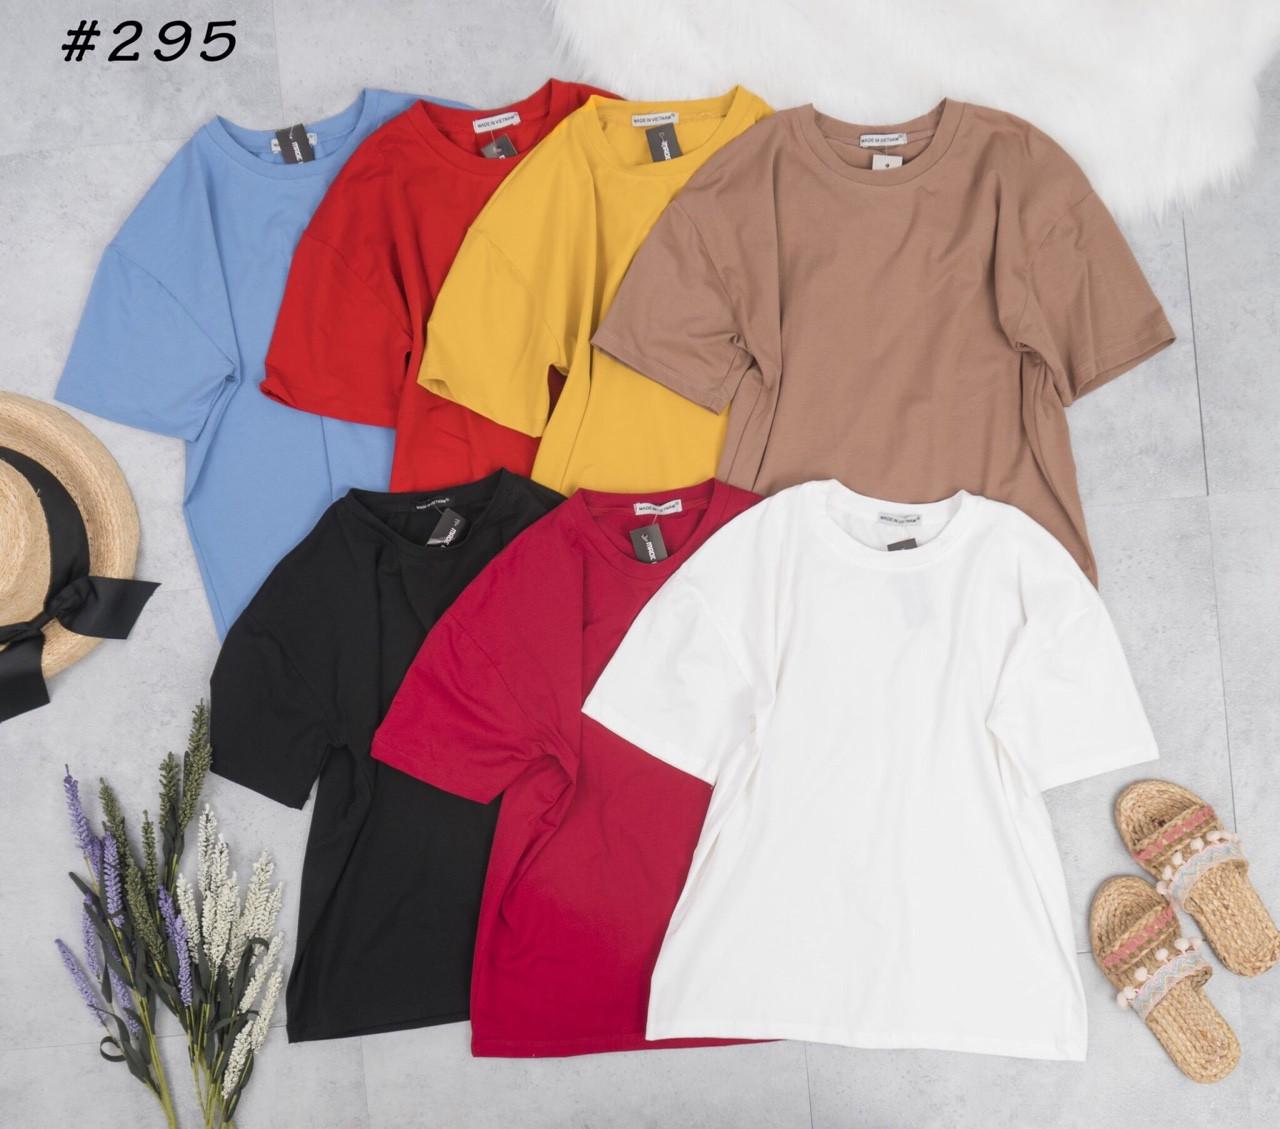 Áo thun trơn basic cổ tròn - Chuyên quần áo nữ đẹp | Mỹ phẩm Nhật chính hãng